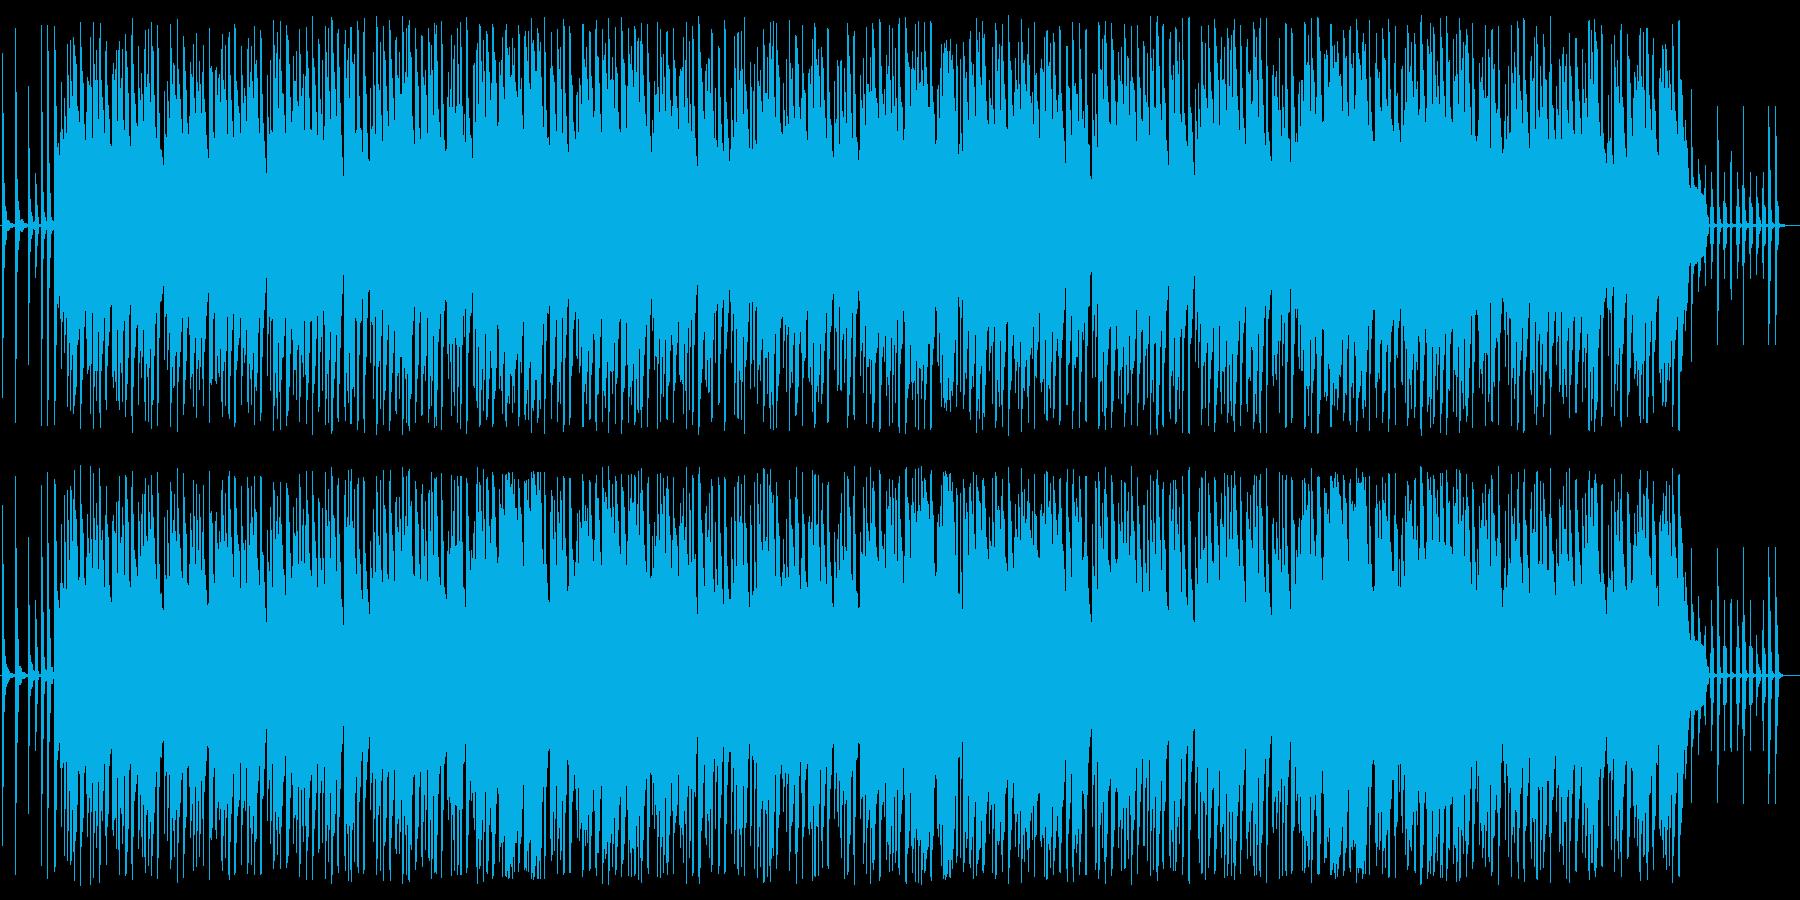 ほのぼのした軽快な沖縄風楽曲の再生済みの波形